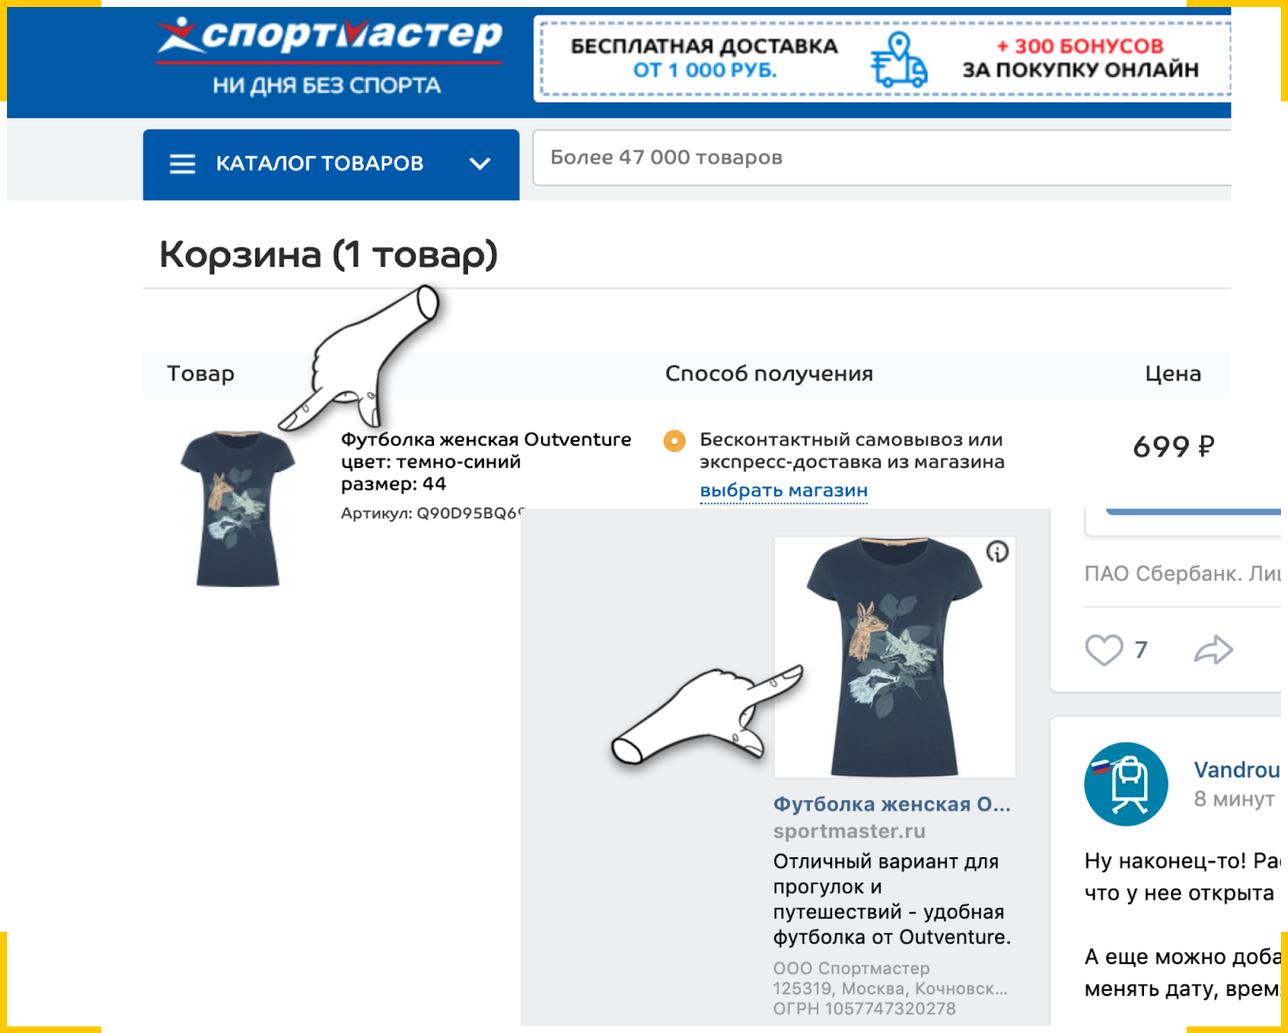 Динамический ретаргетинг показывает объявления из корзины пользователя